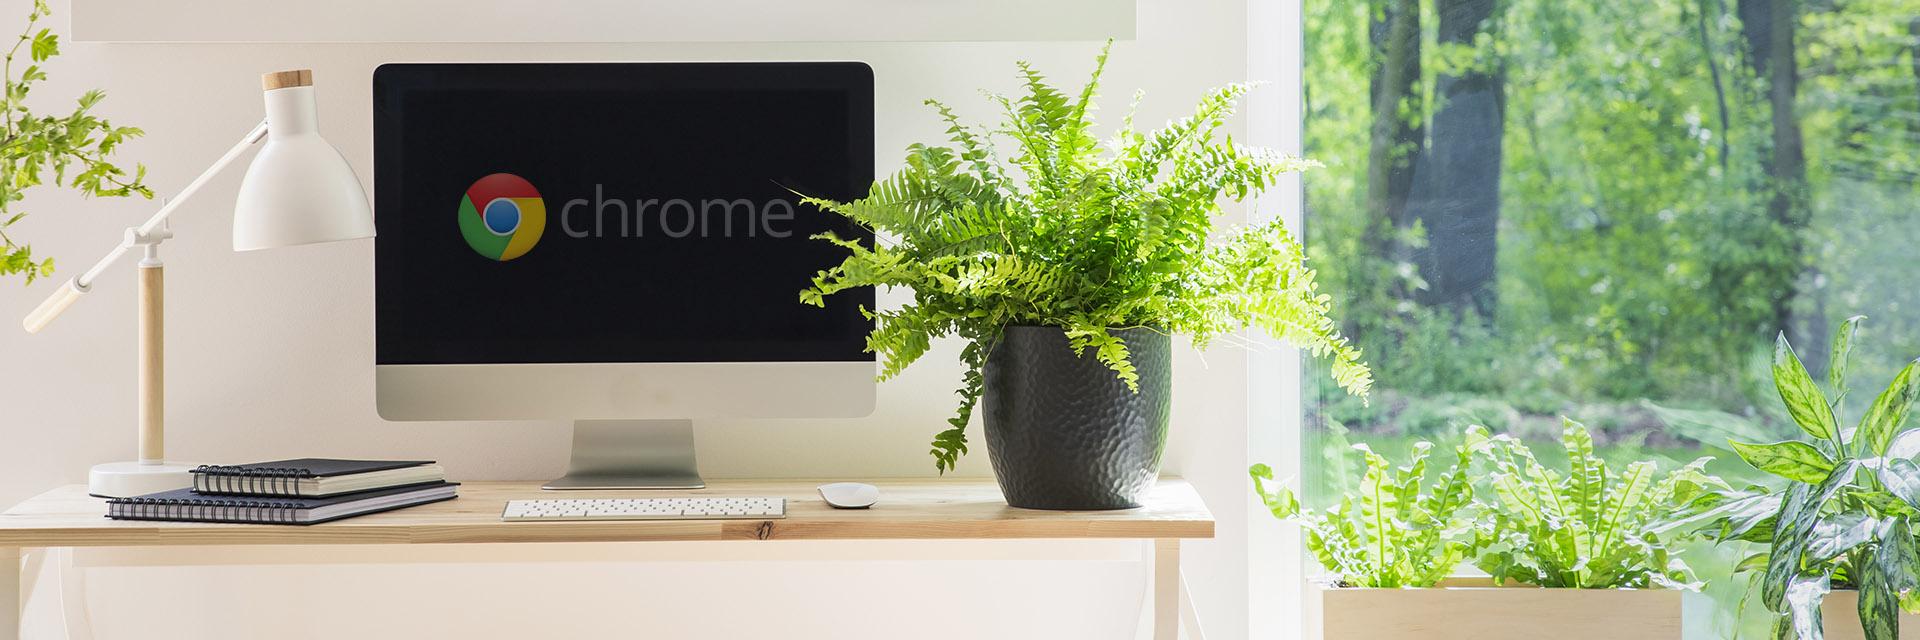 De volgende versie van Chrome kan delen||van de URL verbergen